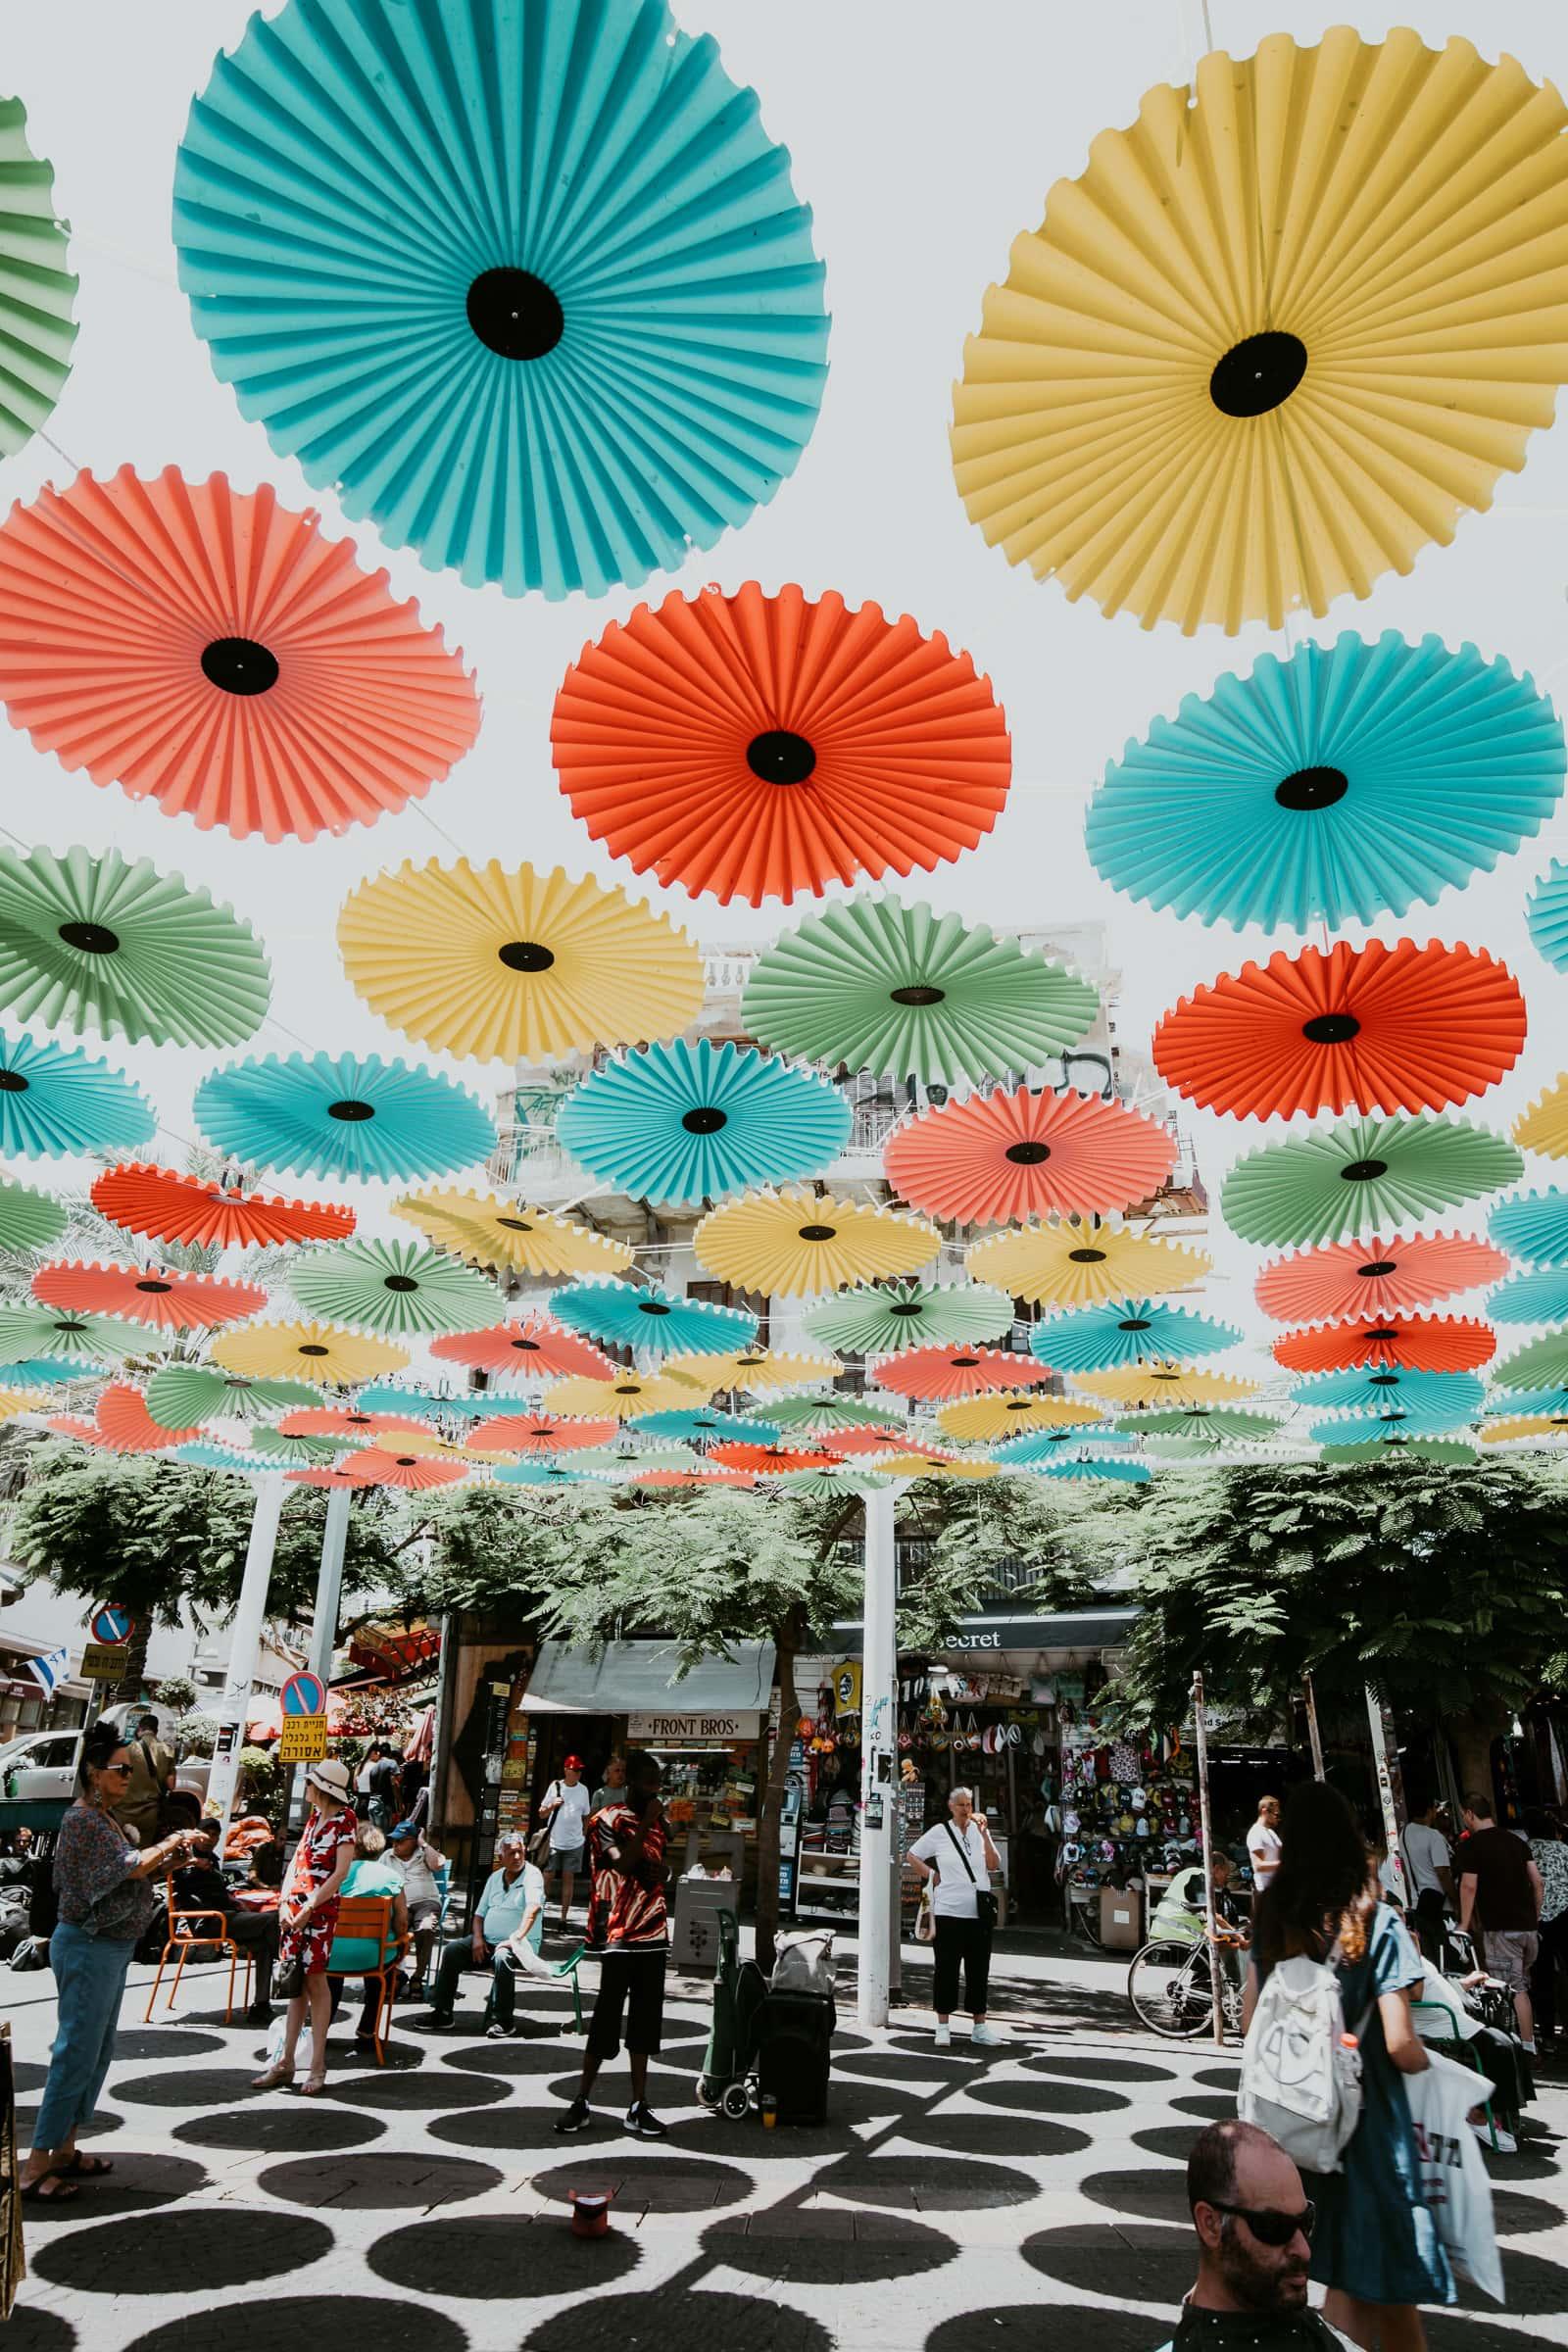 Tel Aviv Sehenswürdigkeiten Carmel Markt Eingang mit bunten Schirmen